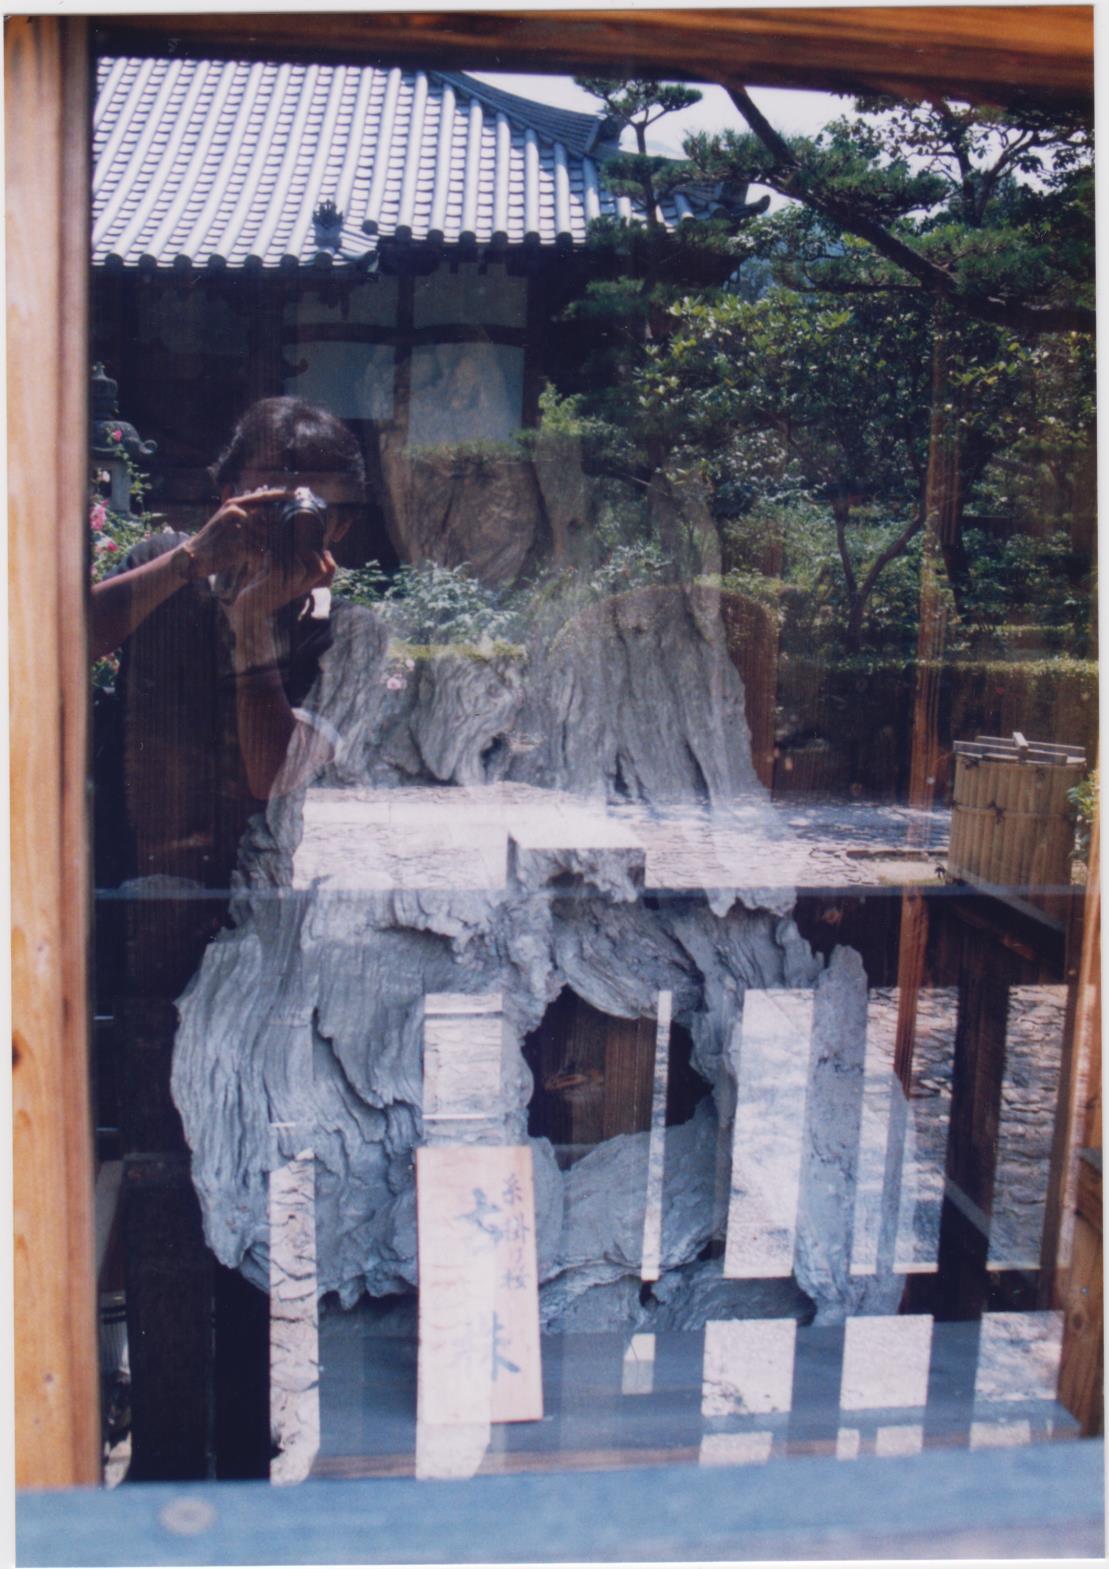 【悲しみの名所】日本枯名木あちこち〜最近から昔から【いにしえの香り】東京、川崎、鎌倉、京都、奈良、高知、愛媛、西表島、東北_b0116271_21183104.jpg